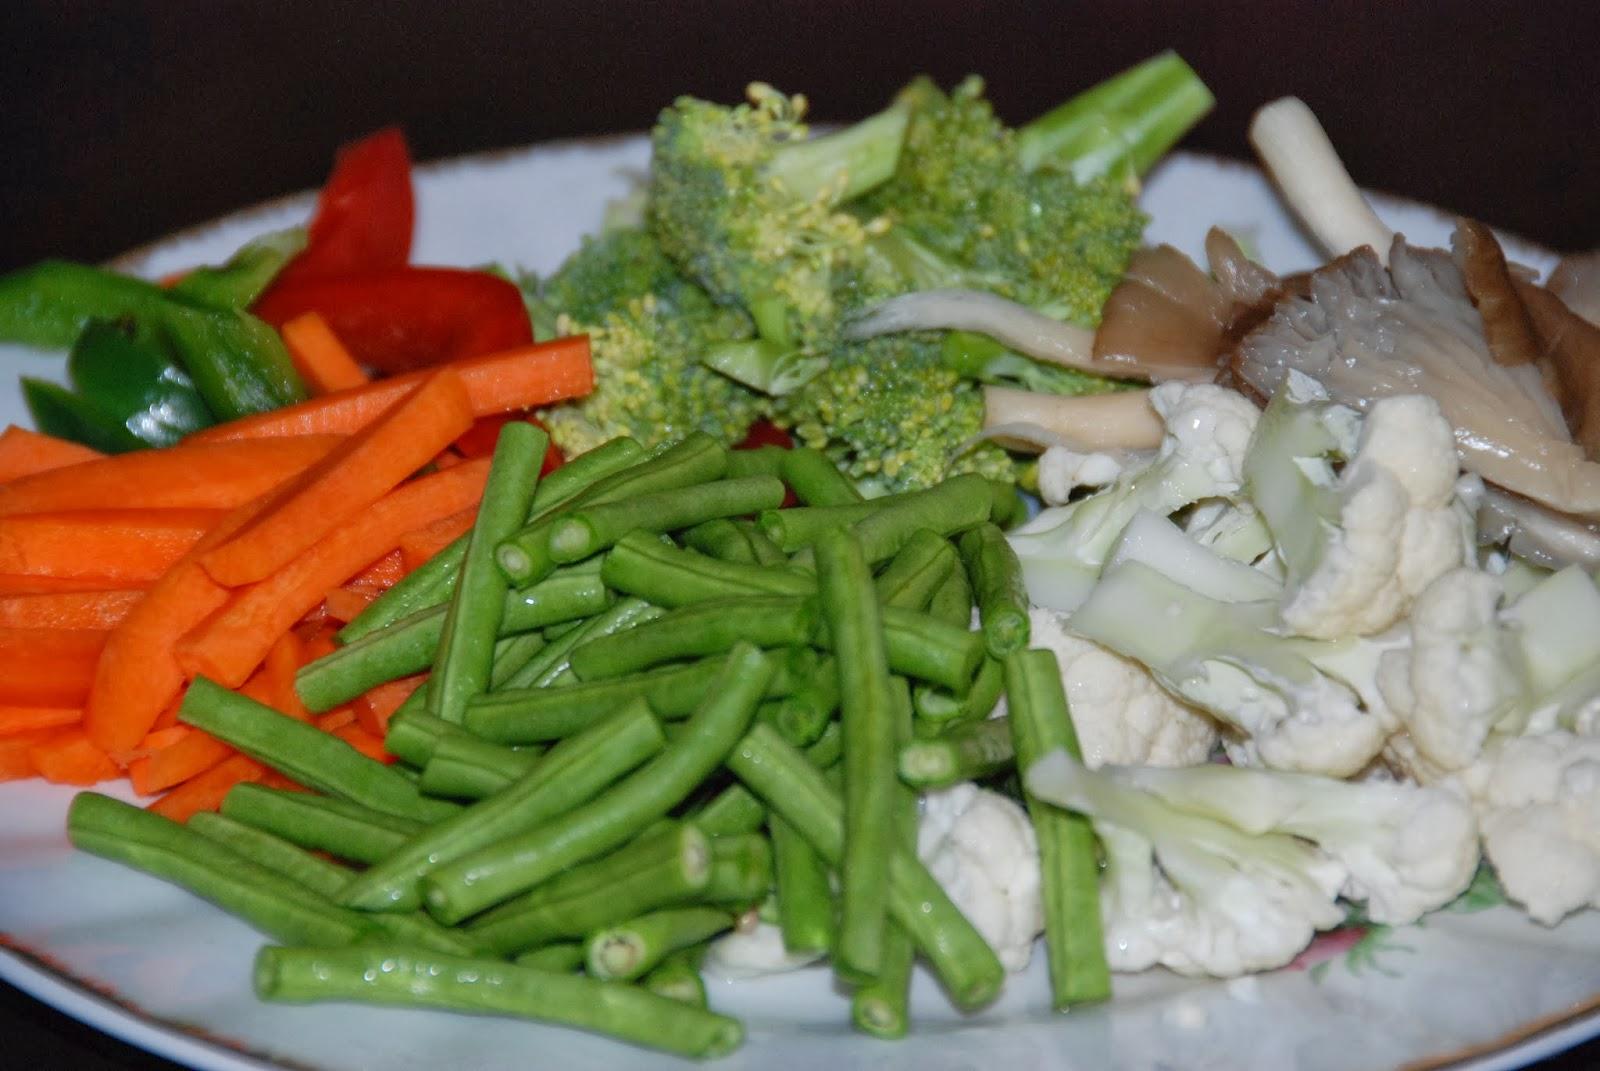 Resep Cara Membuat Tumis Brokoli dan Wortel